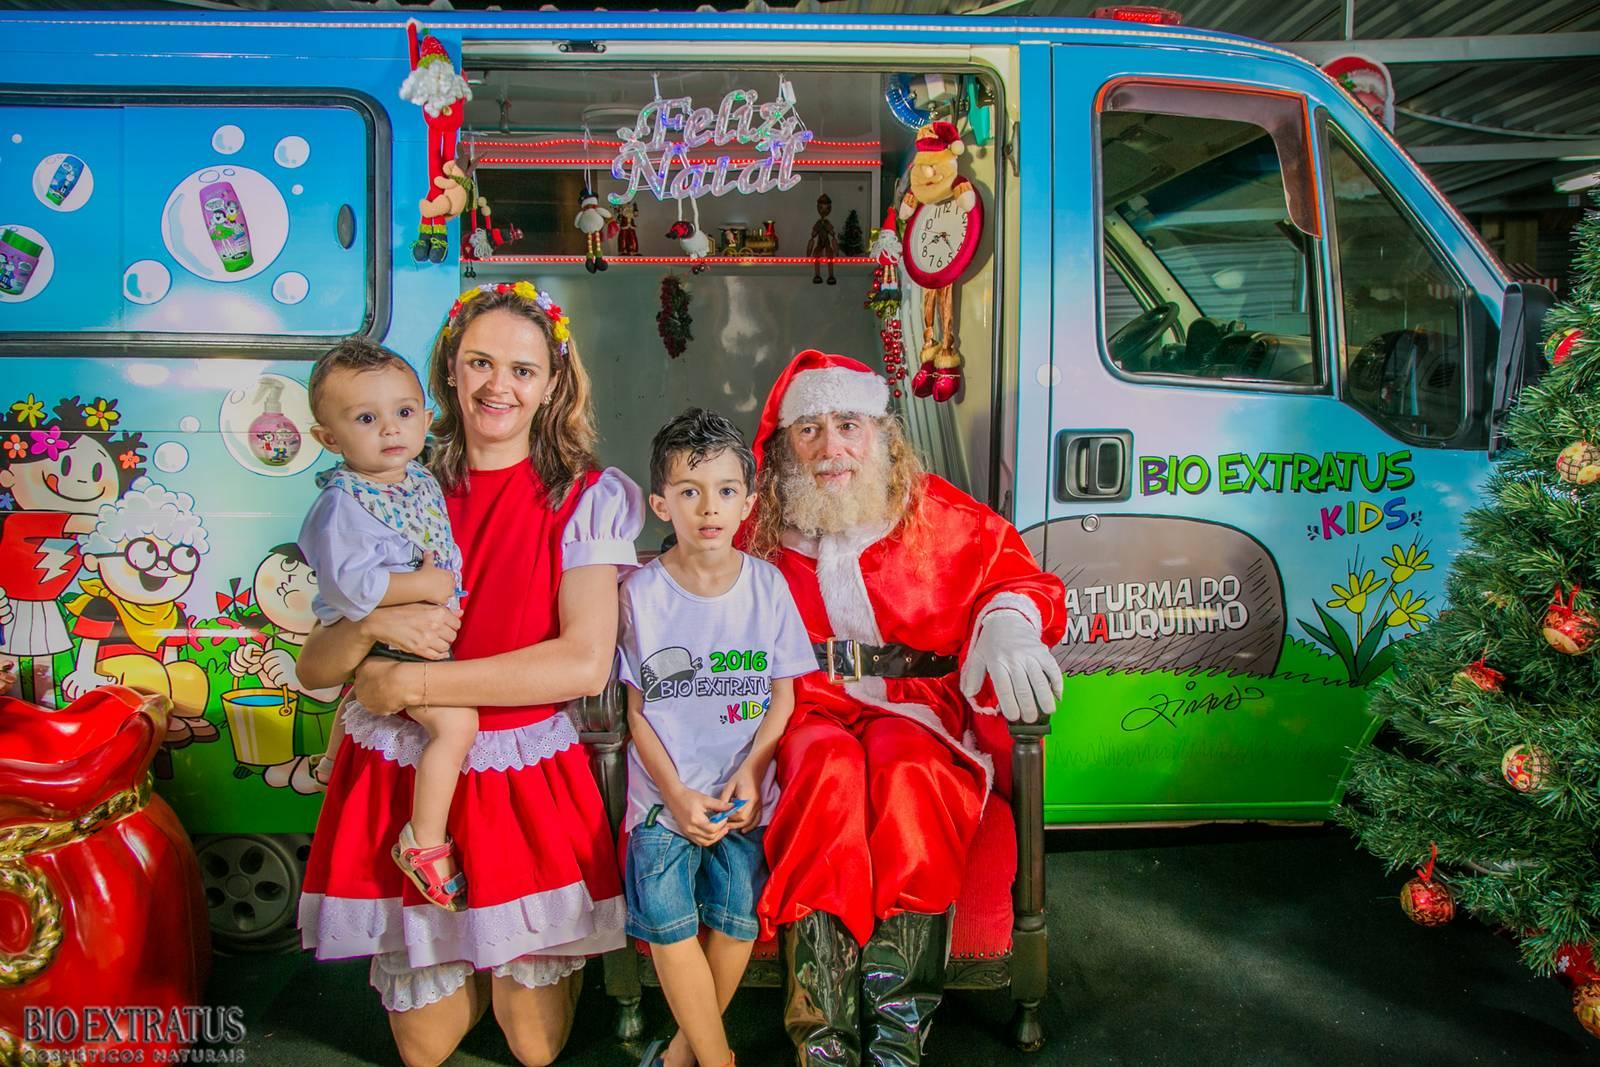 Confraternização de Natal Bio Extratus 2015 para as crianças (11)